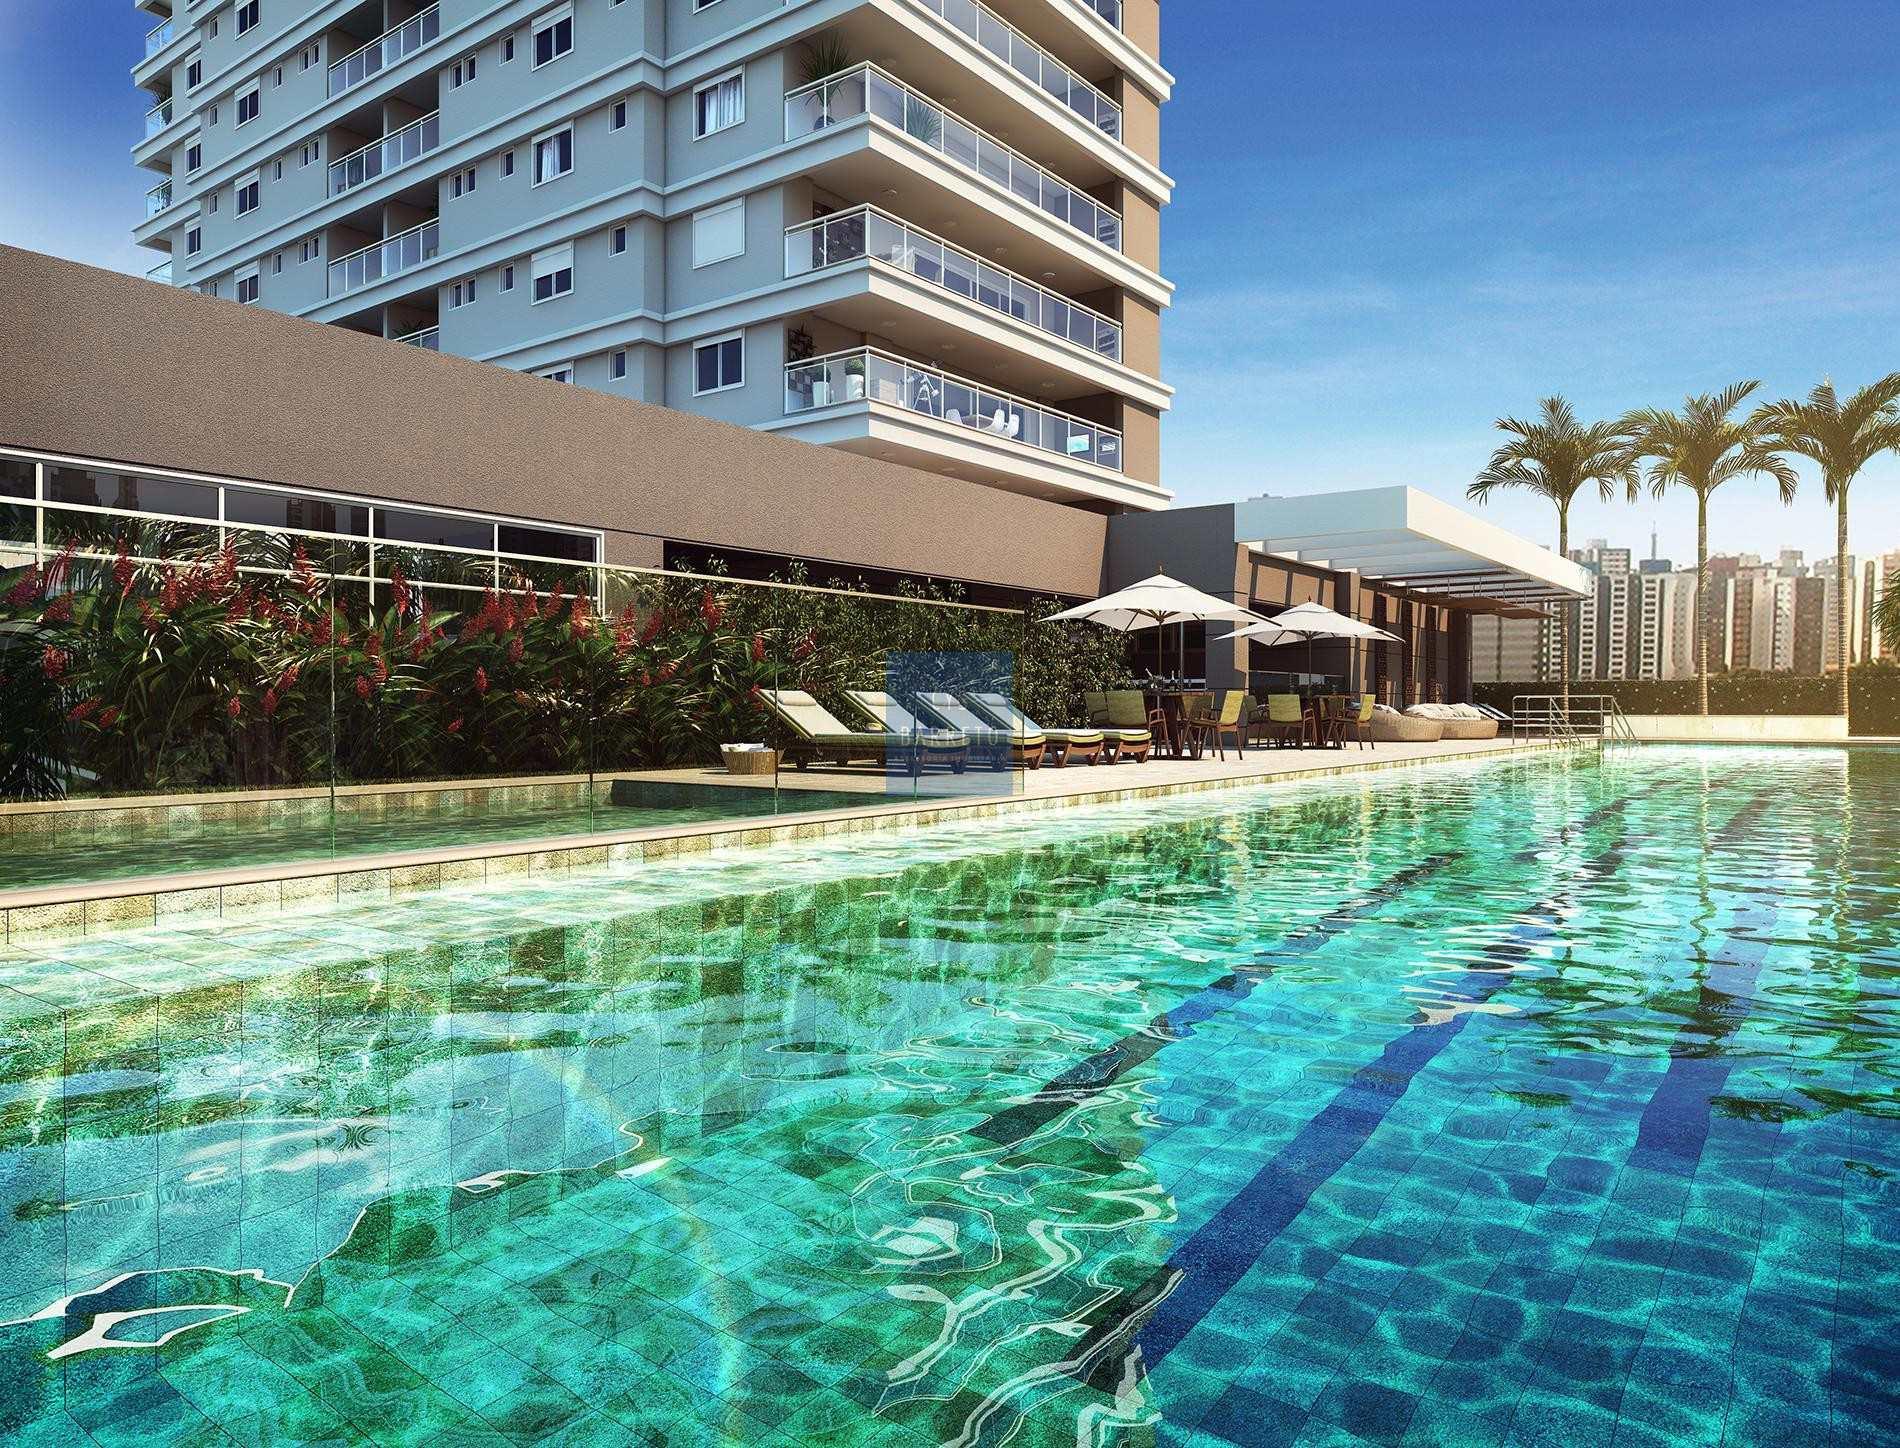 30042015_original-perspectiva-ilustrada-da-piscina-e-solarium-002